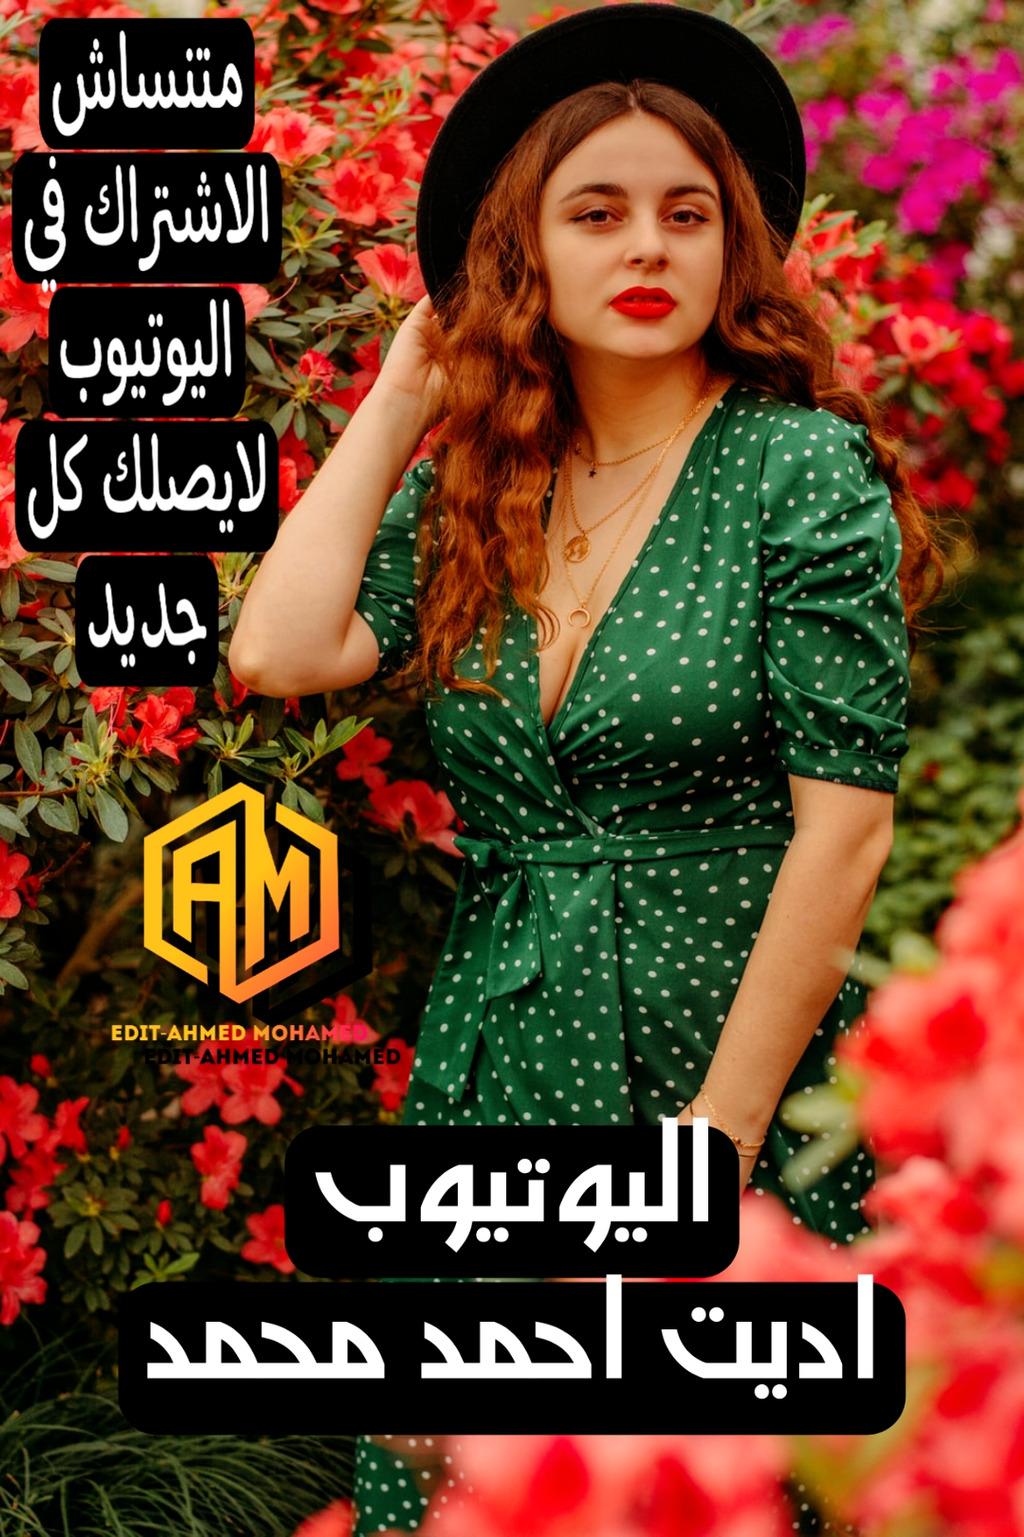 فلتر اللي مصر كلها بدور عليه- Lightroom Preset